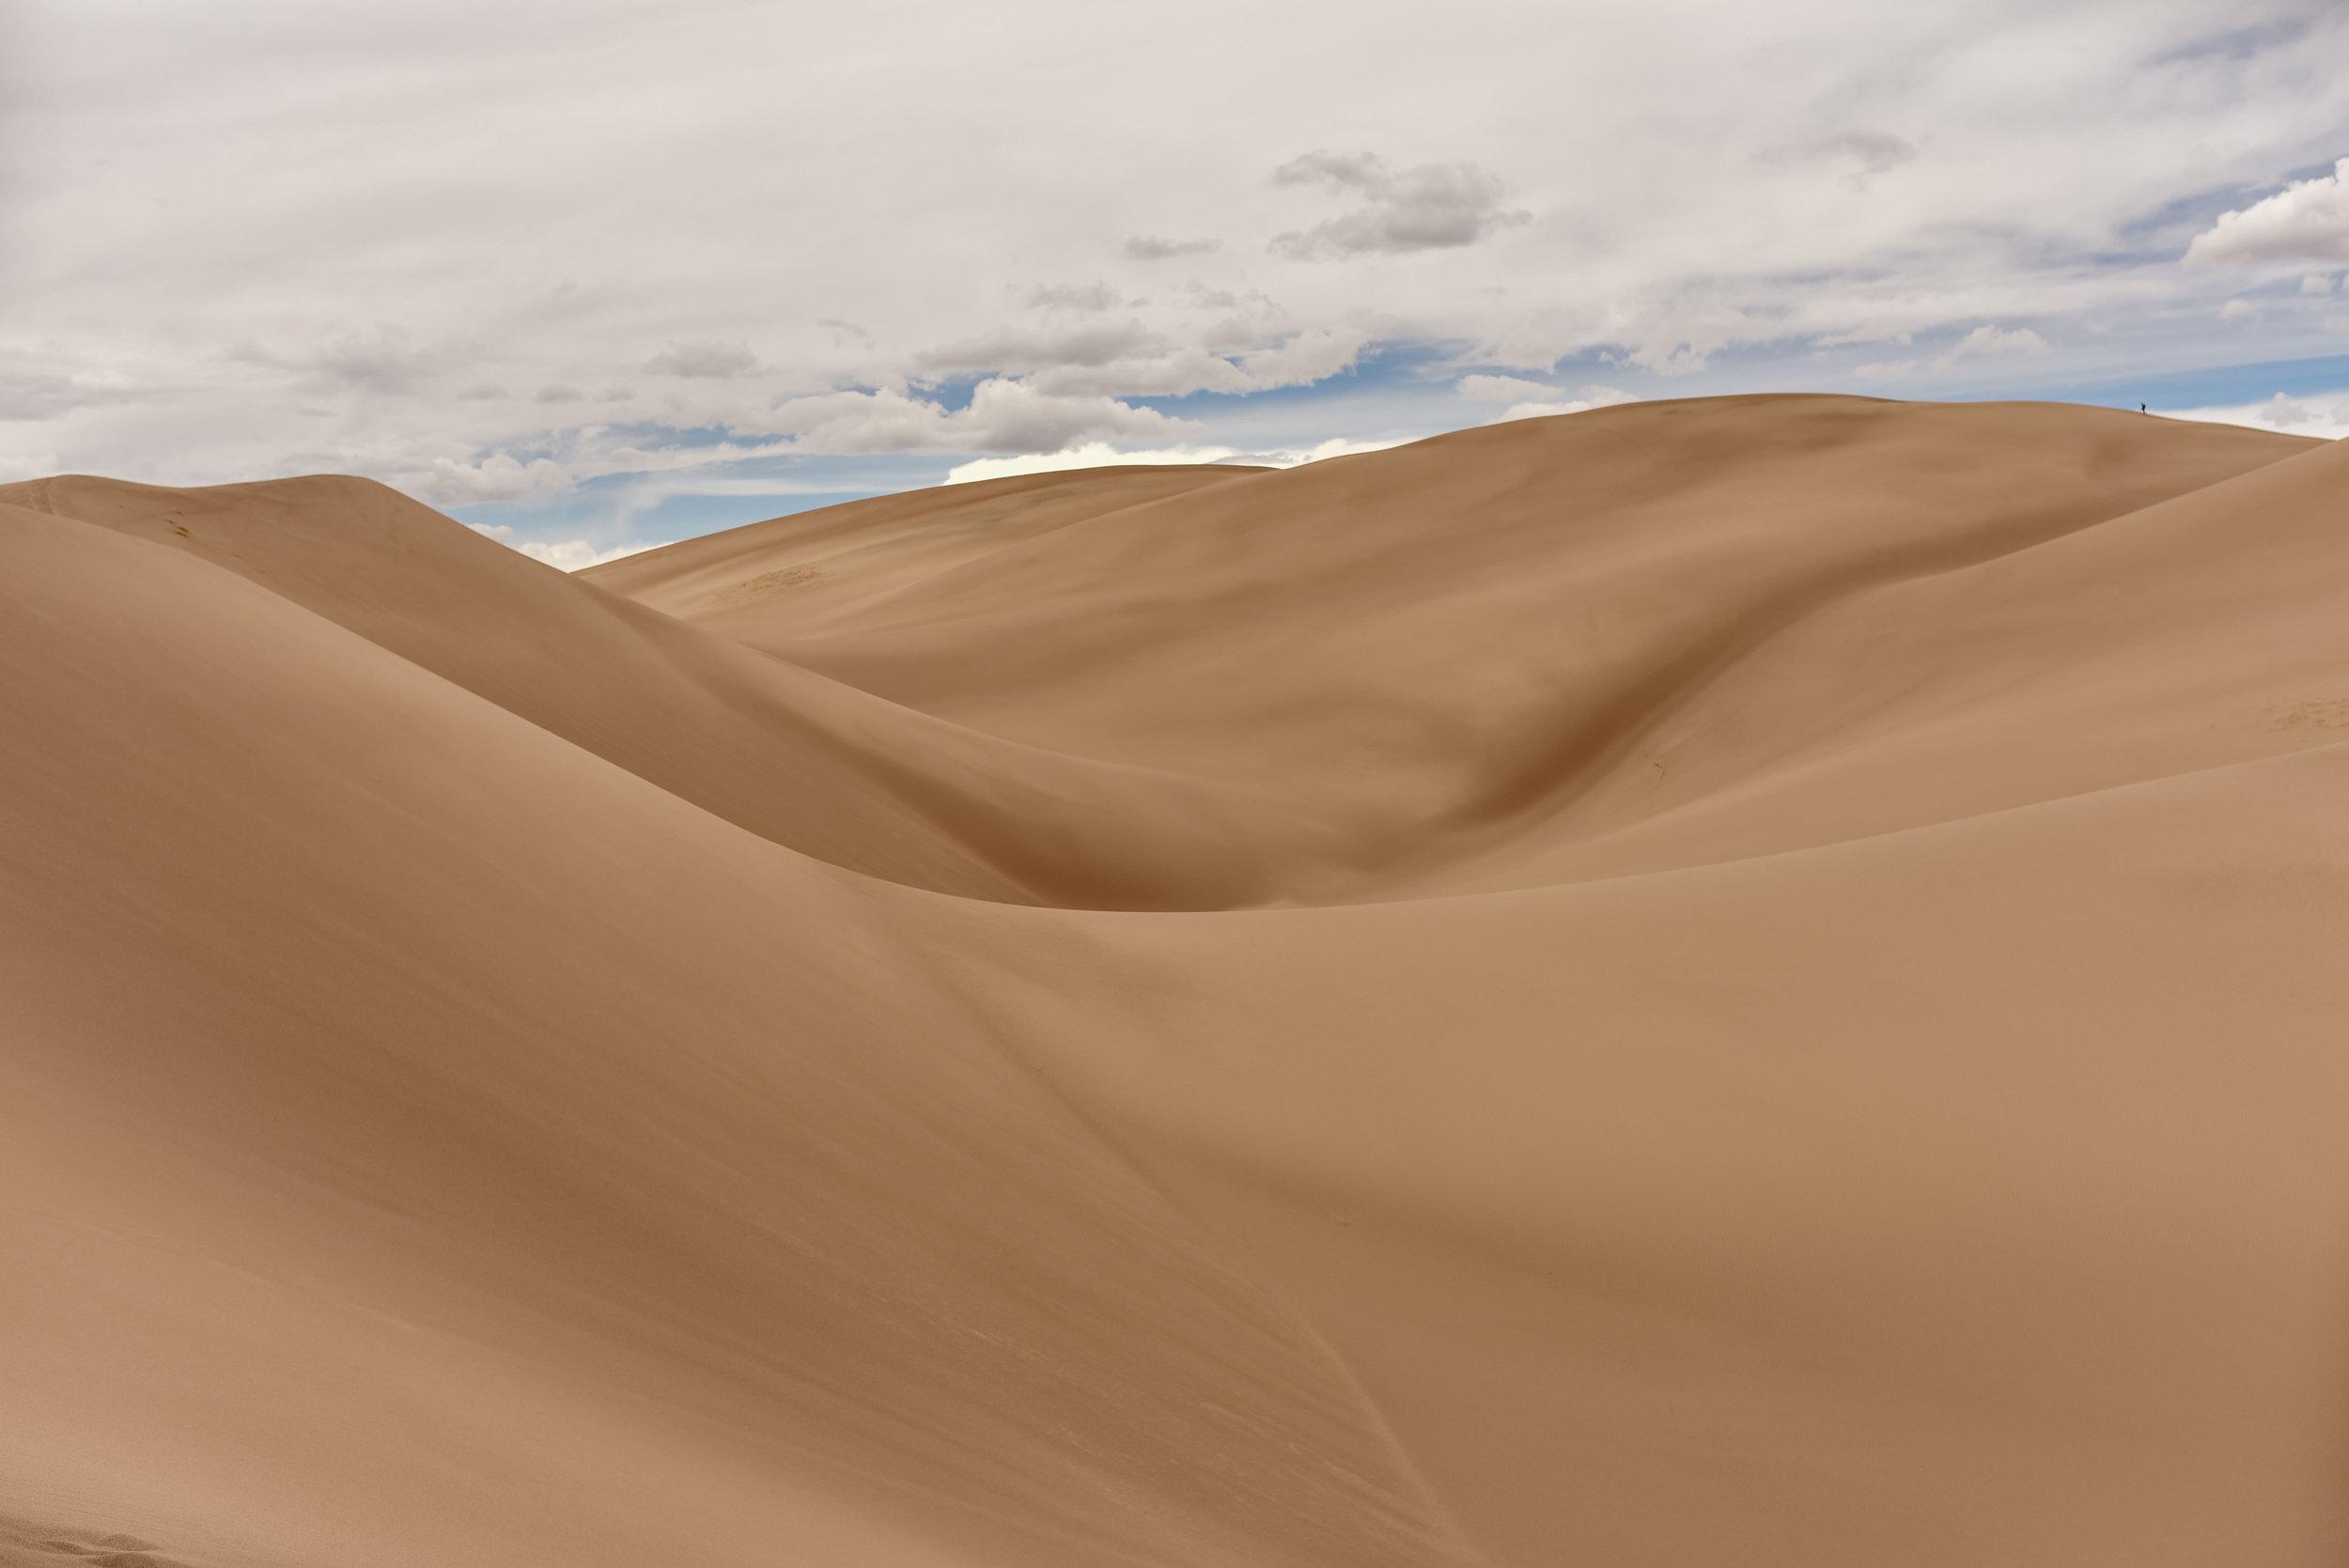 van-life-sand-dunes